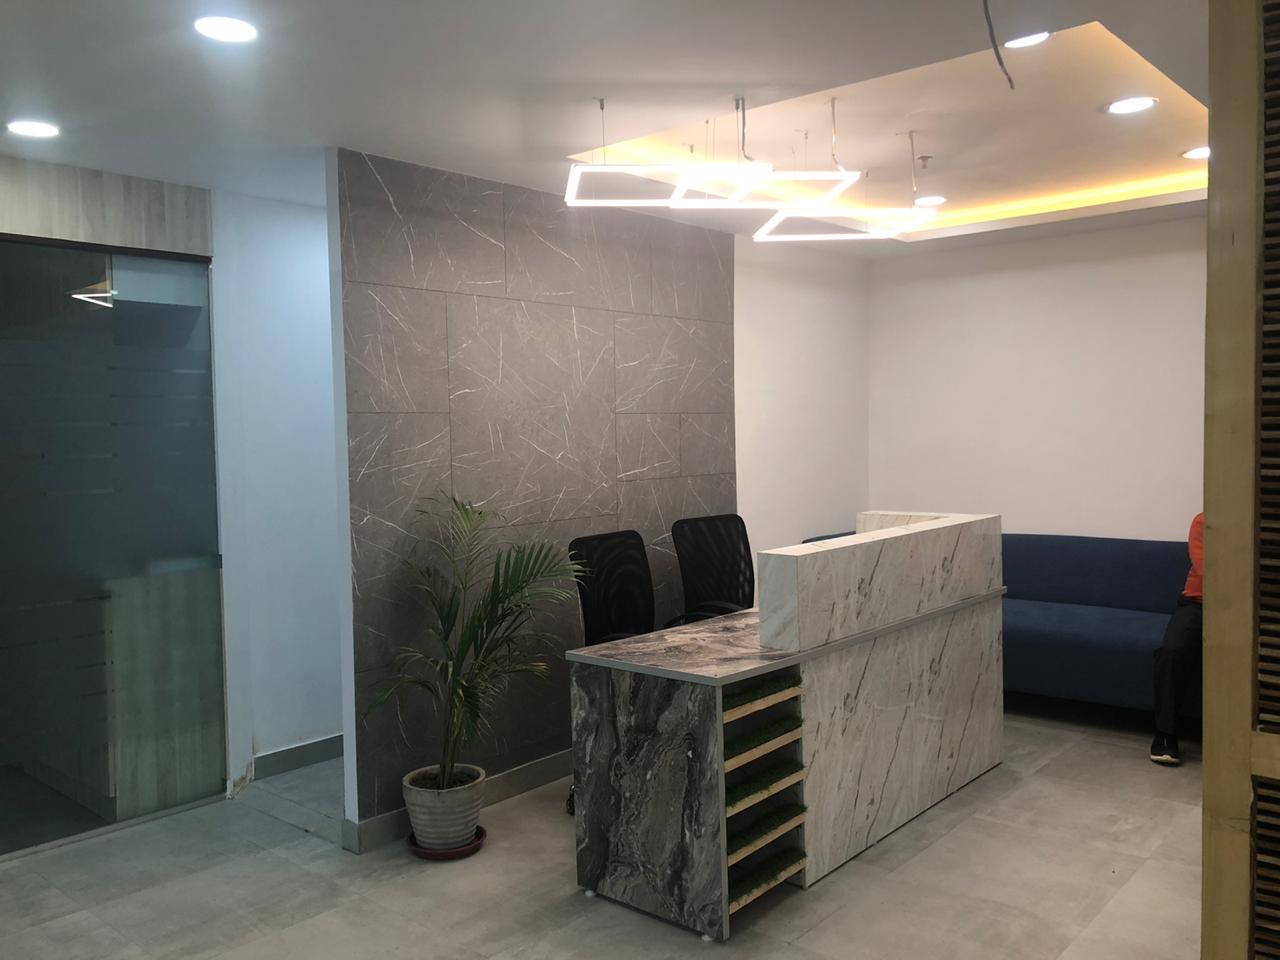 408 new delhi house, New Delhi